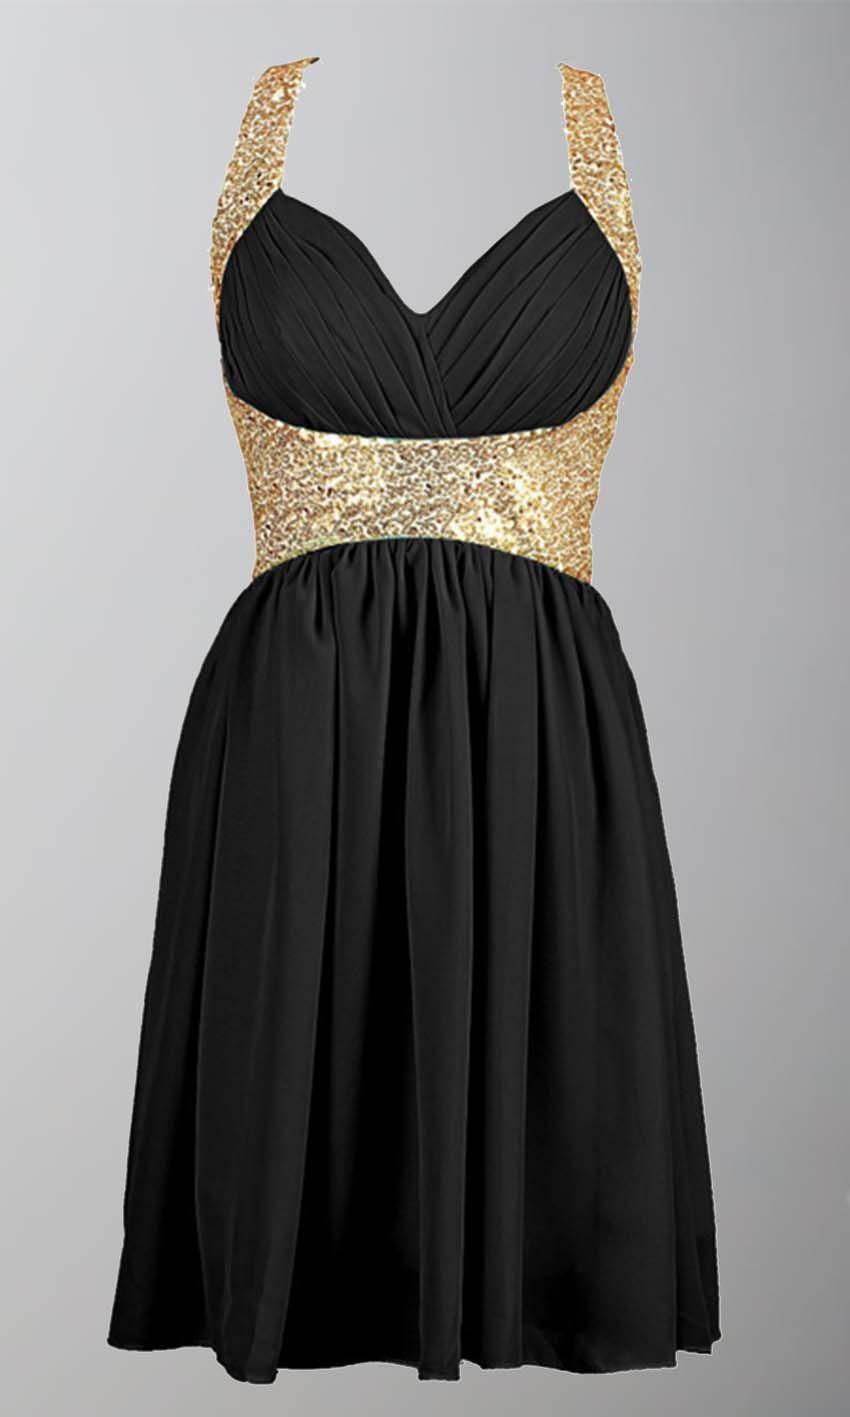 Black and gold sequin short prom dresses uk ksp winter formal